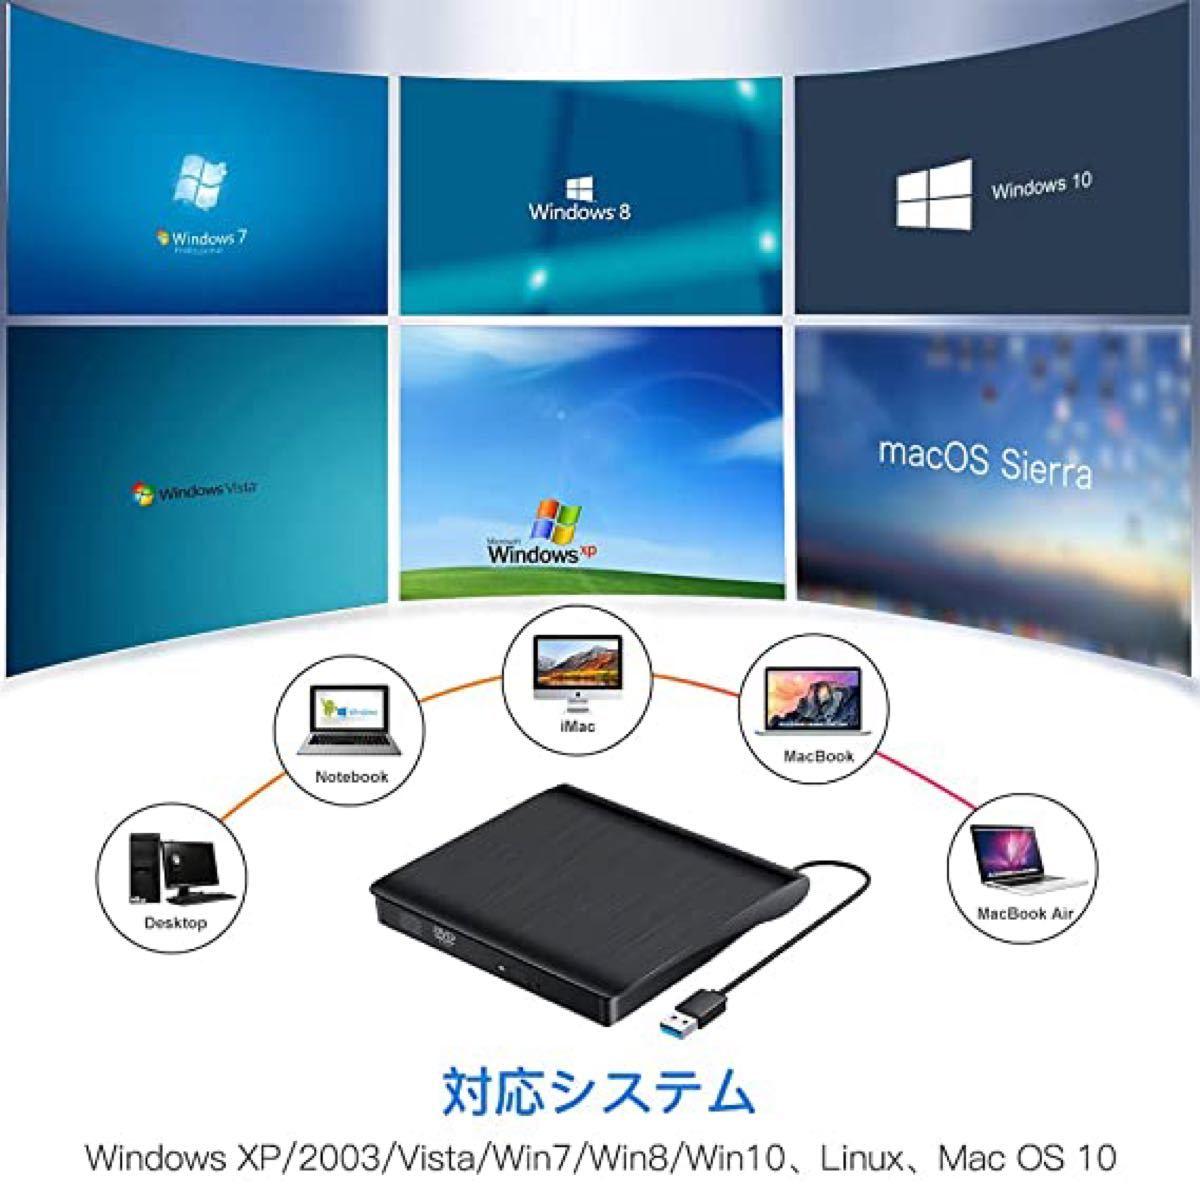 外付けDVDドライブ DVDプレイヤー ポータブル USB3.0 DVD  DVD±RW Window 薄型